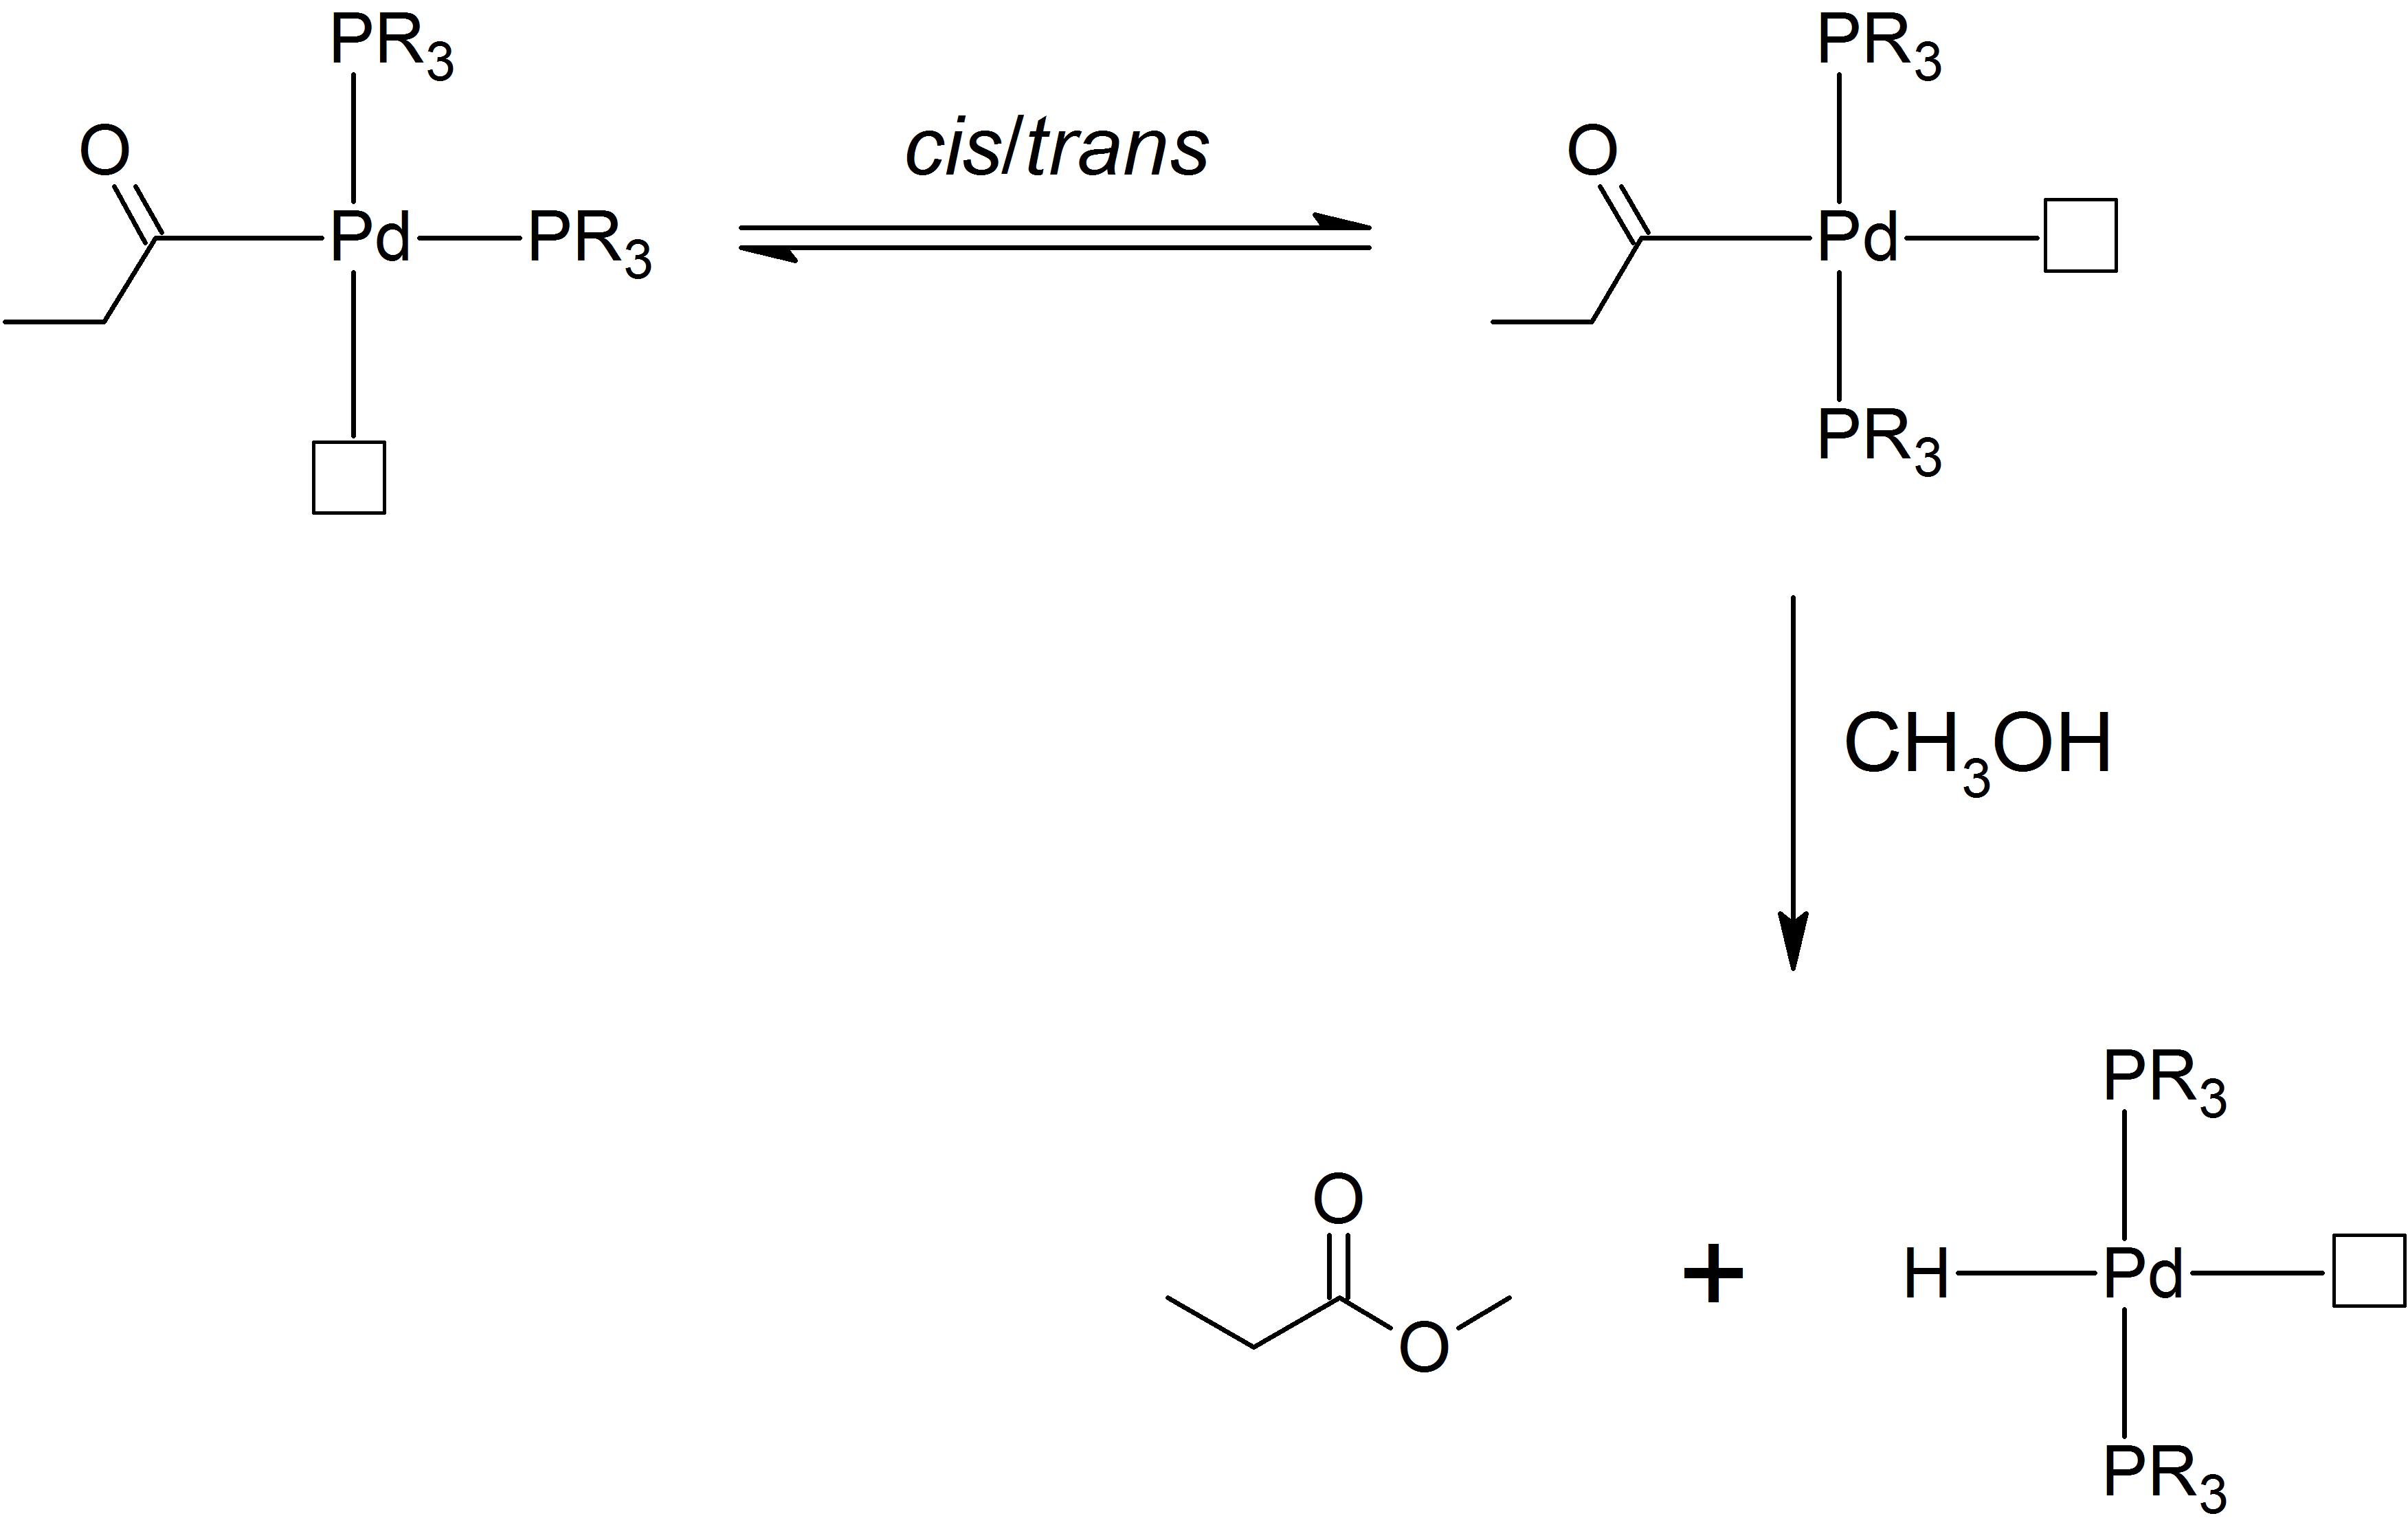 propionate ion